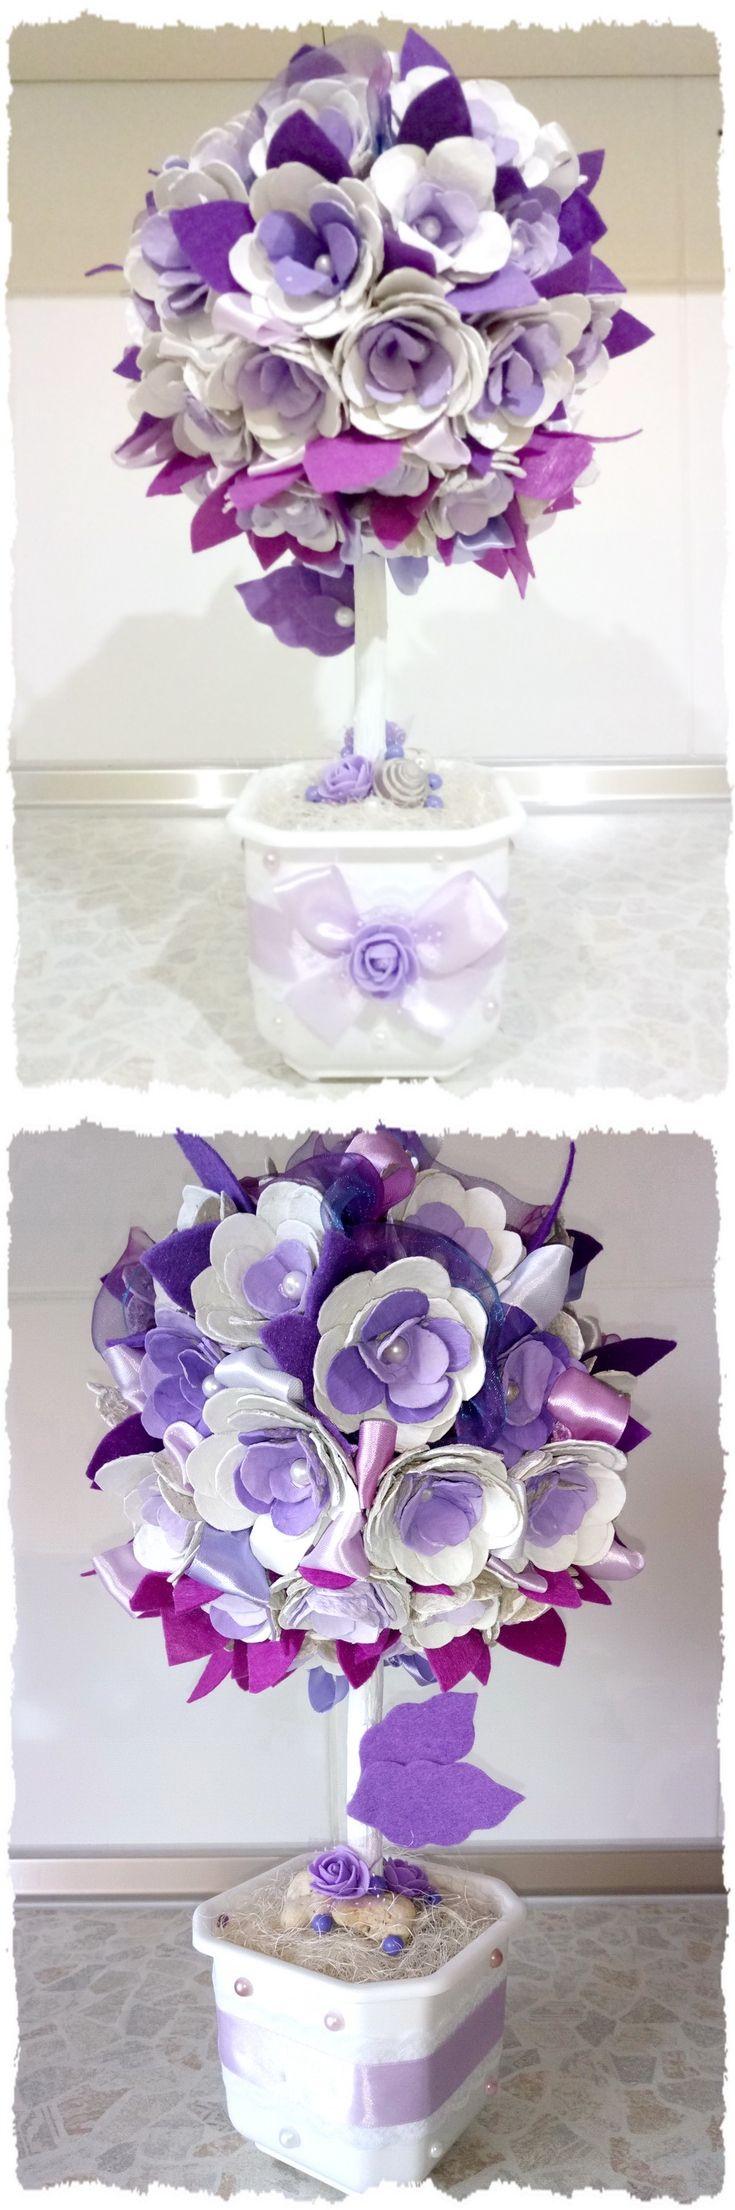 Фиолетово-белый цветочный топиарий с сизалем: мастер-класс, фото, видео